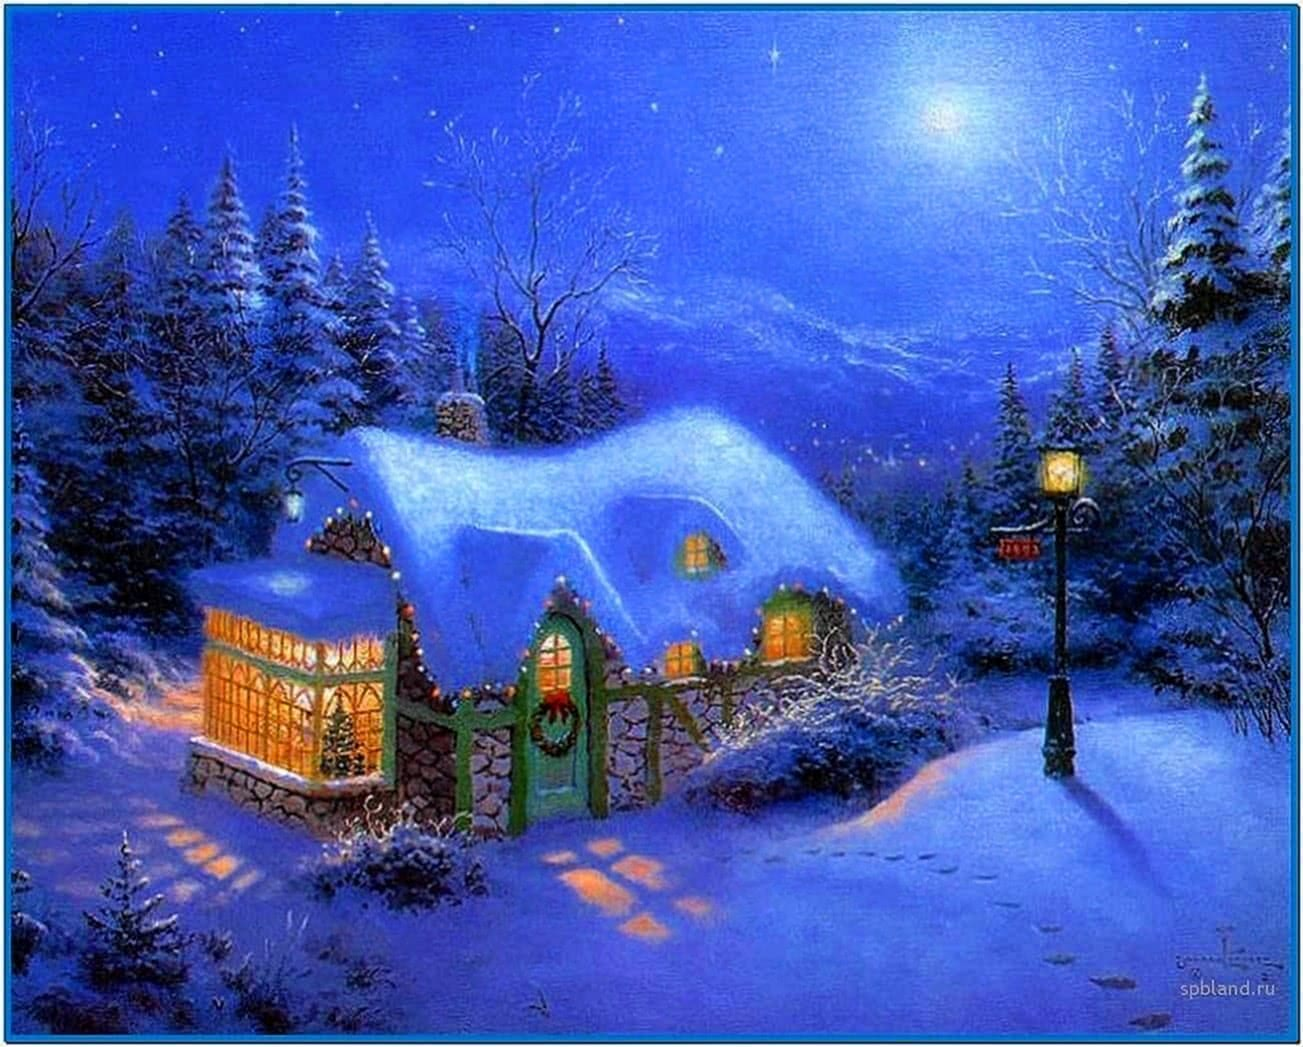 Animated christmas screensavers uk